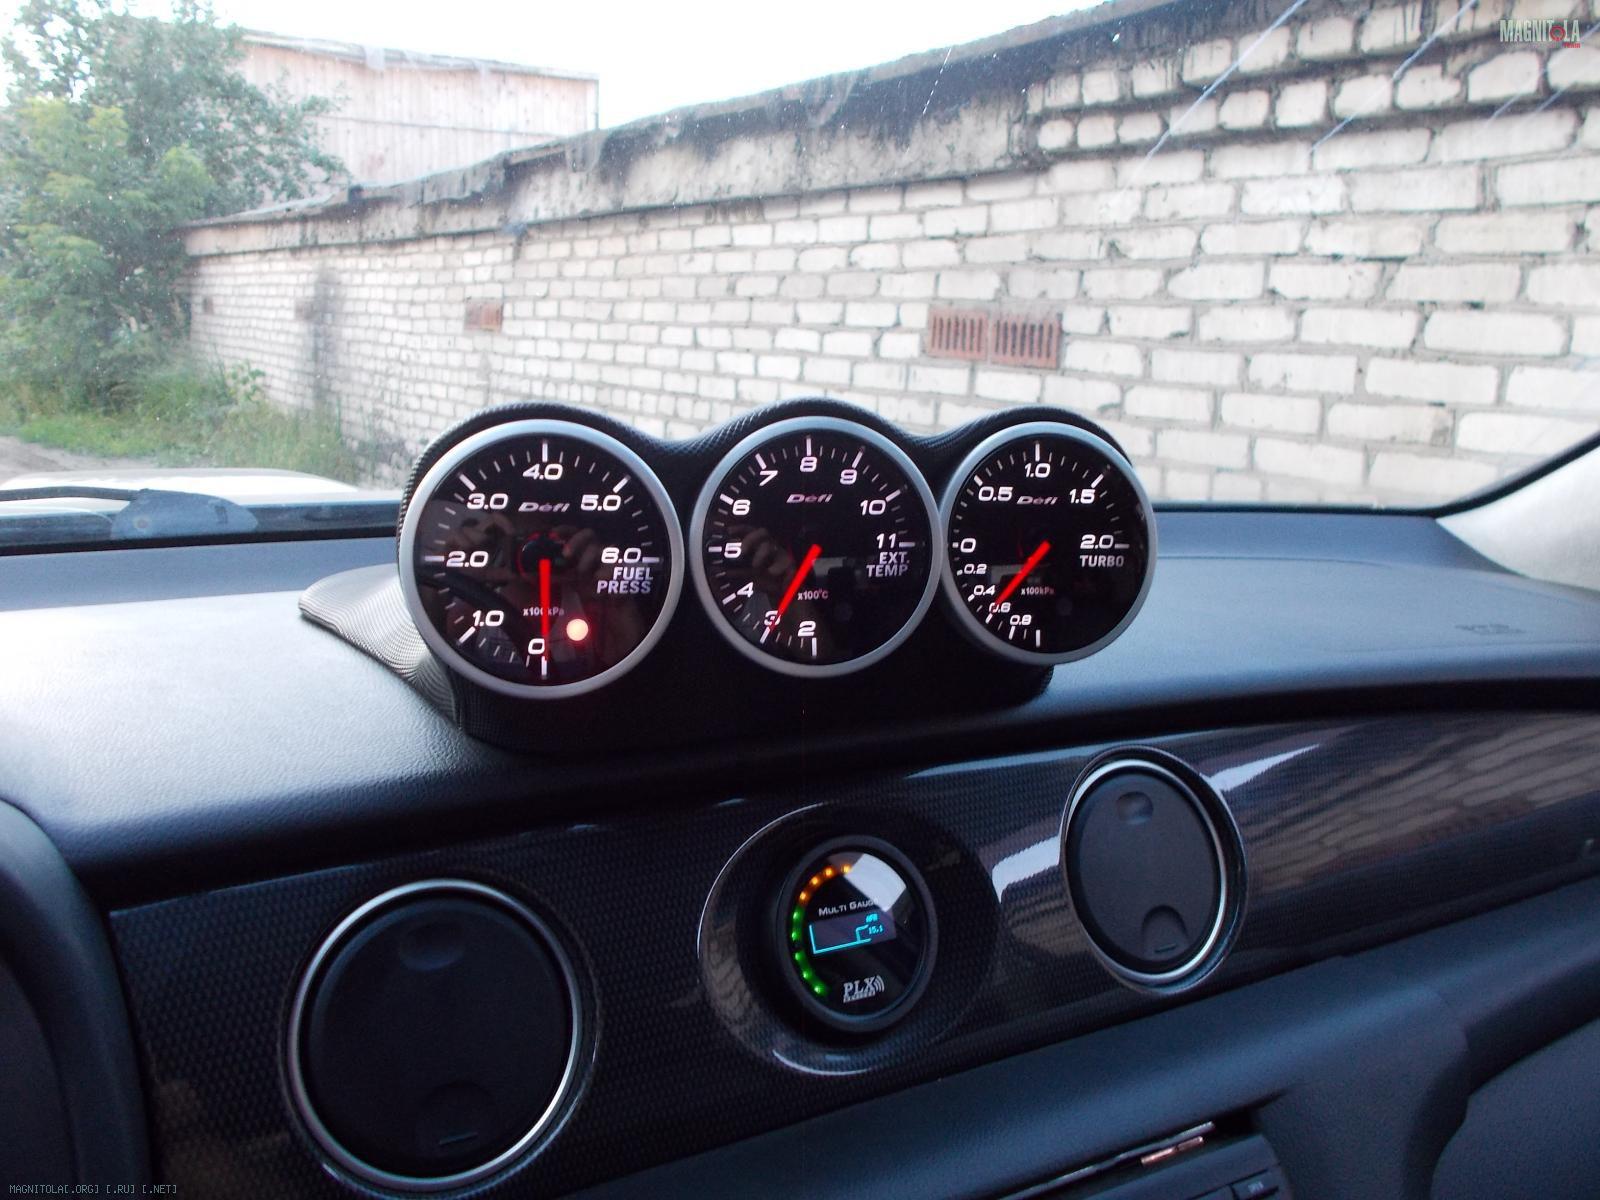 Дополнительные приборы в авто. Какие бывают и для 70